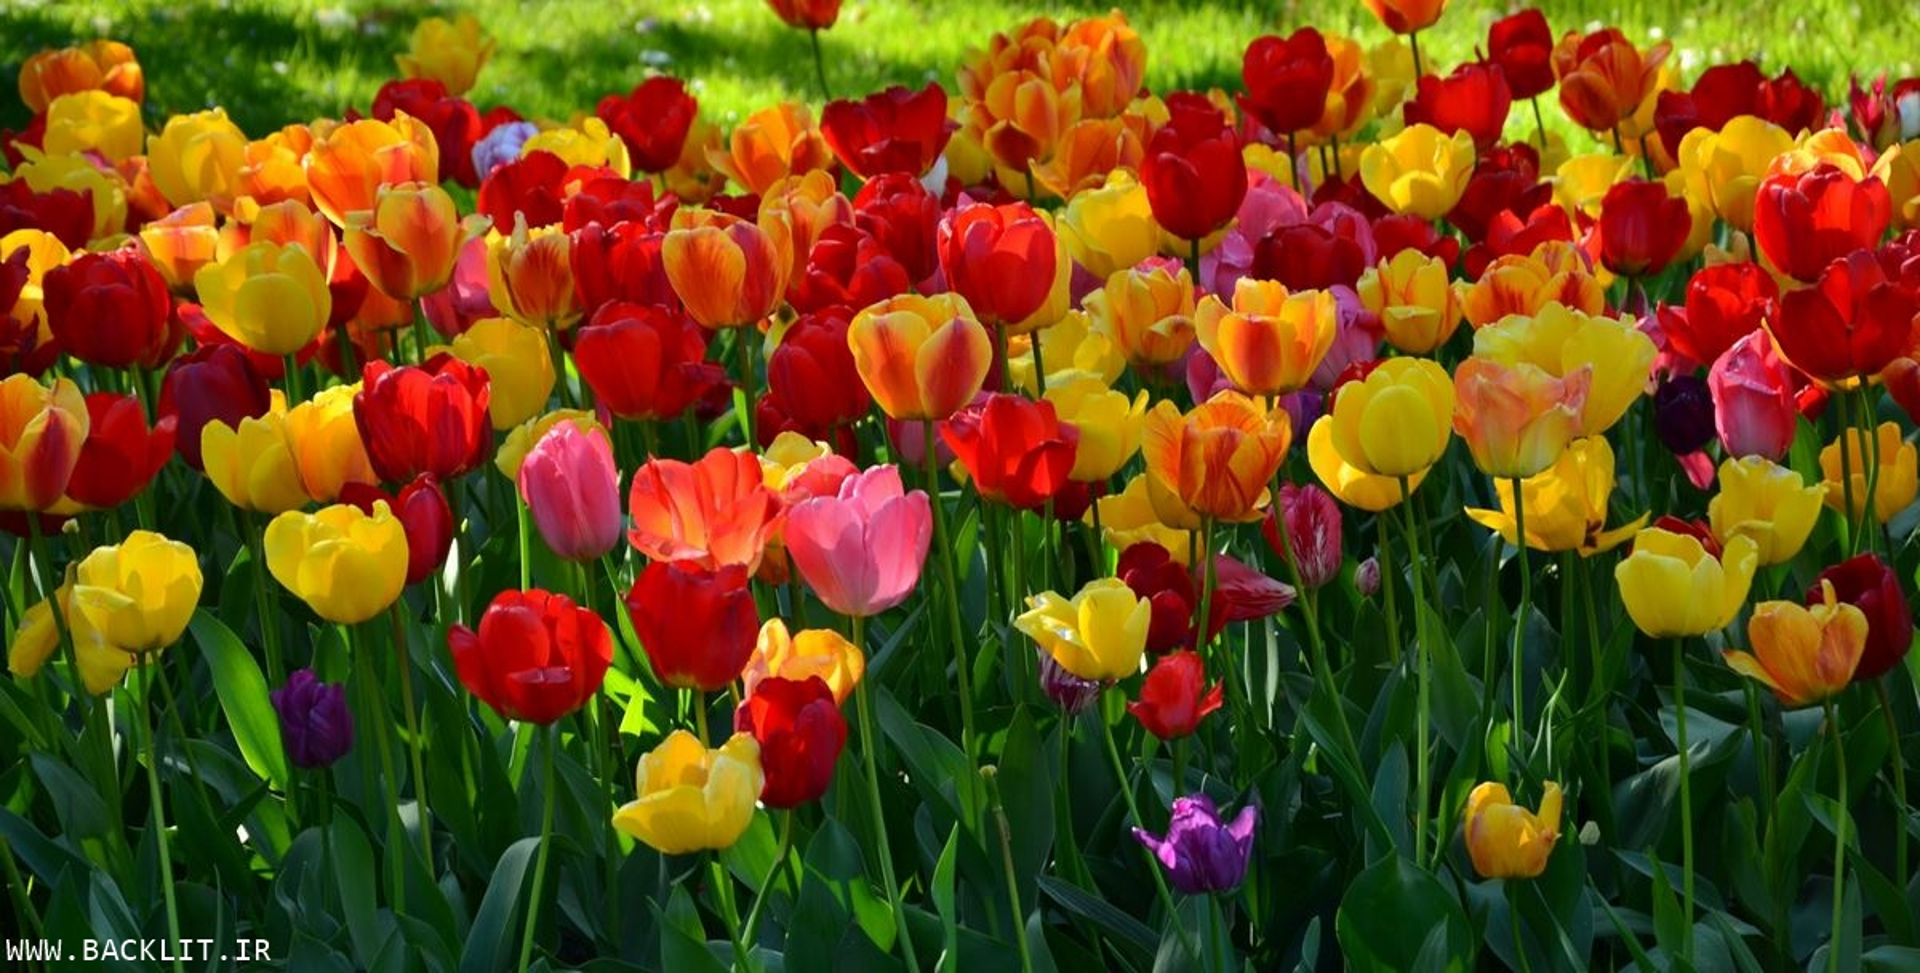 قاب شکوفه های بهاری 68